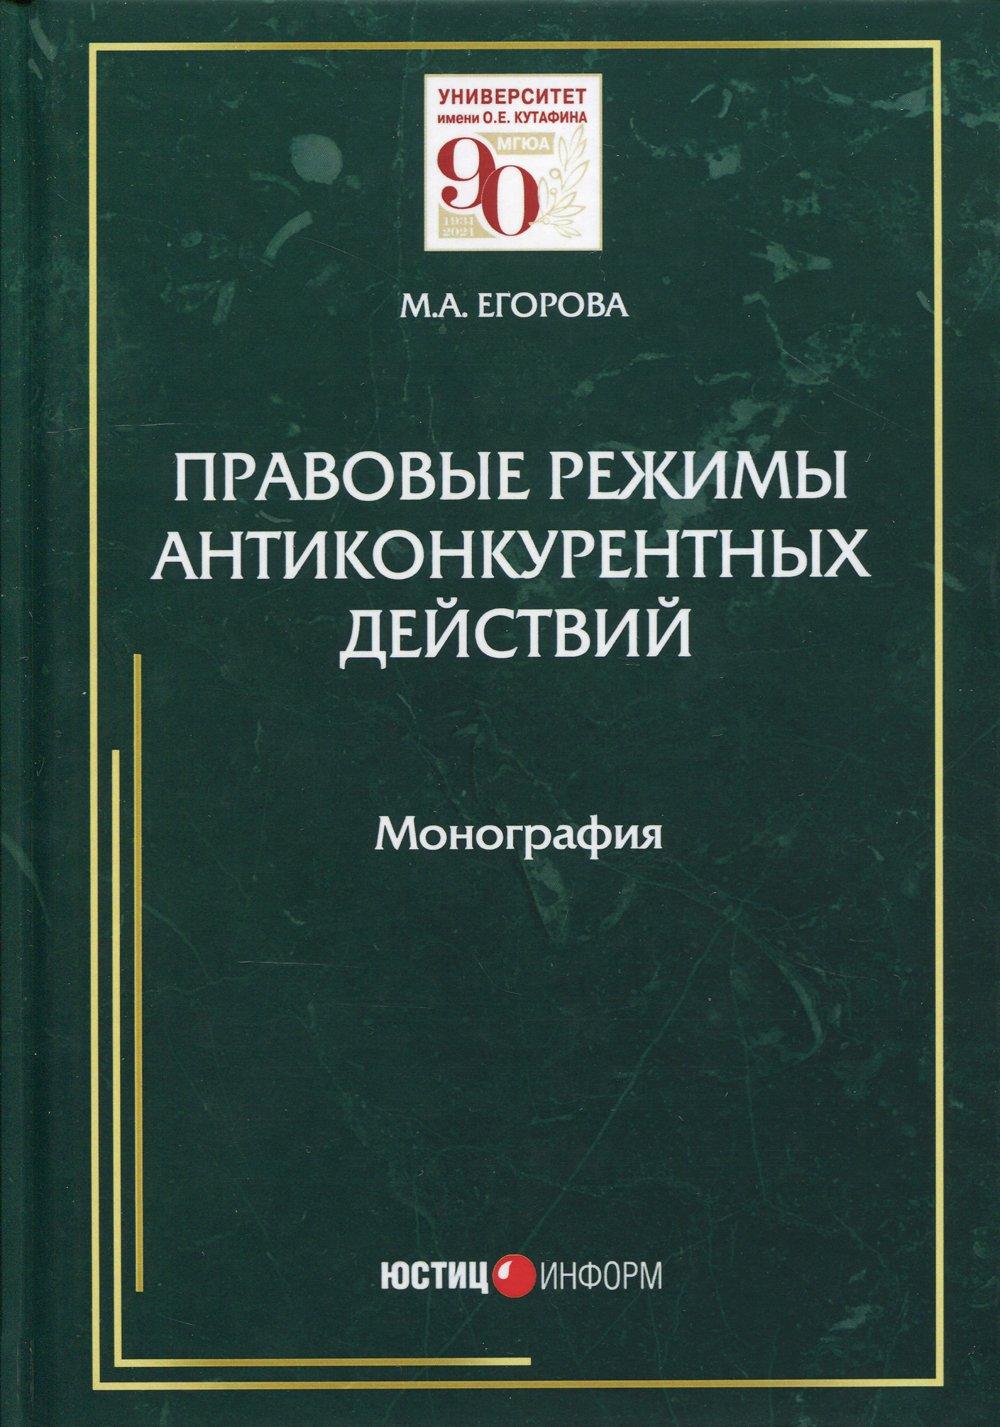 Правовые режимы антиконкурентных действий: монография. Егорова М.А. ( Егорова М.А.  )